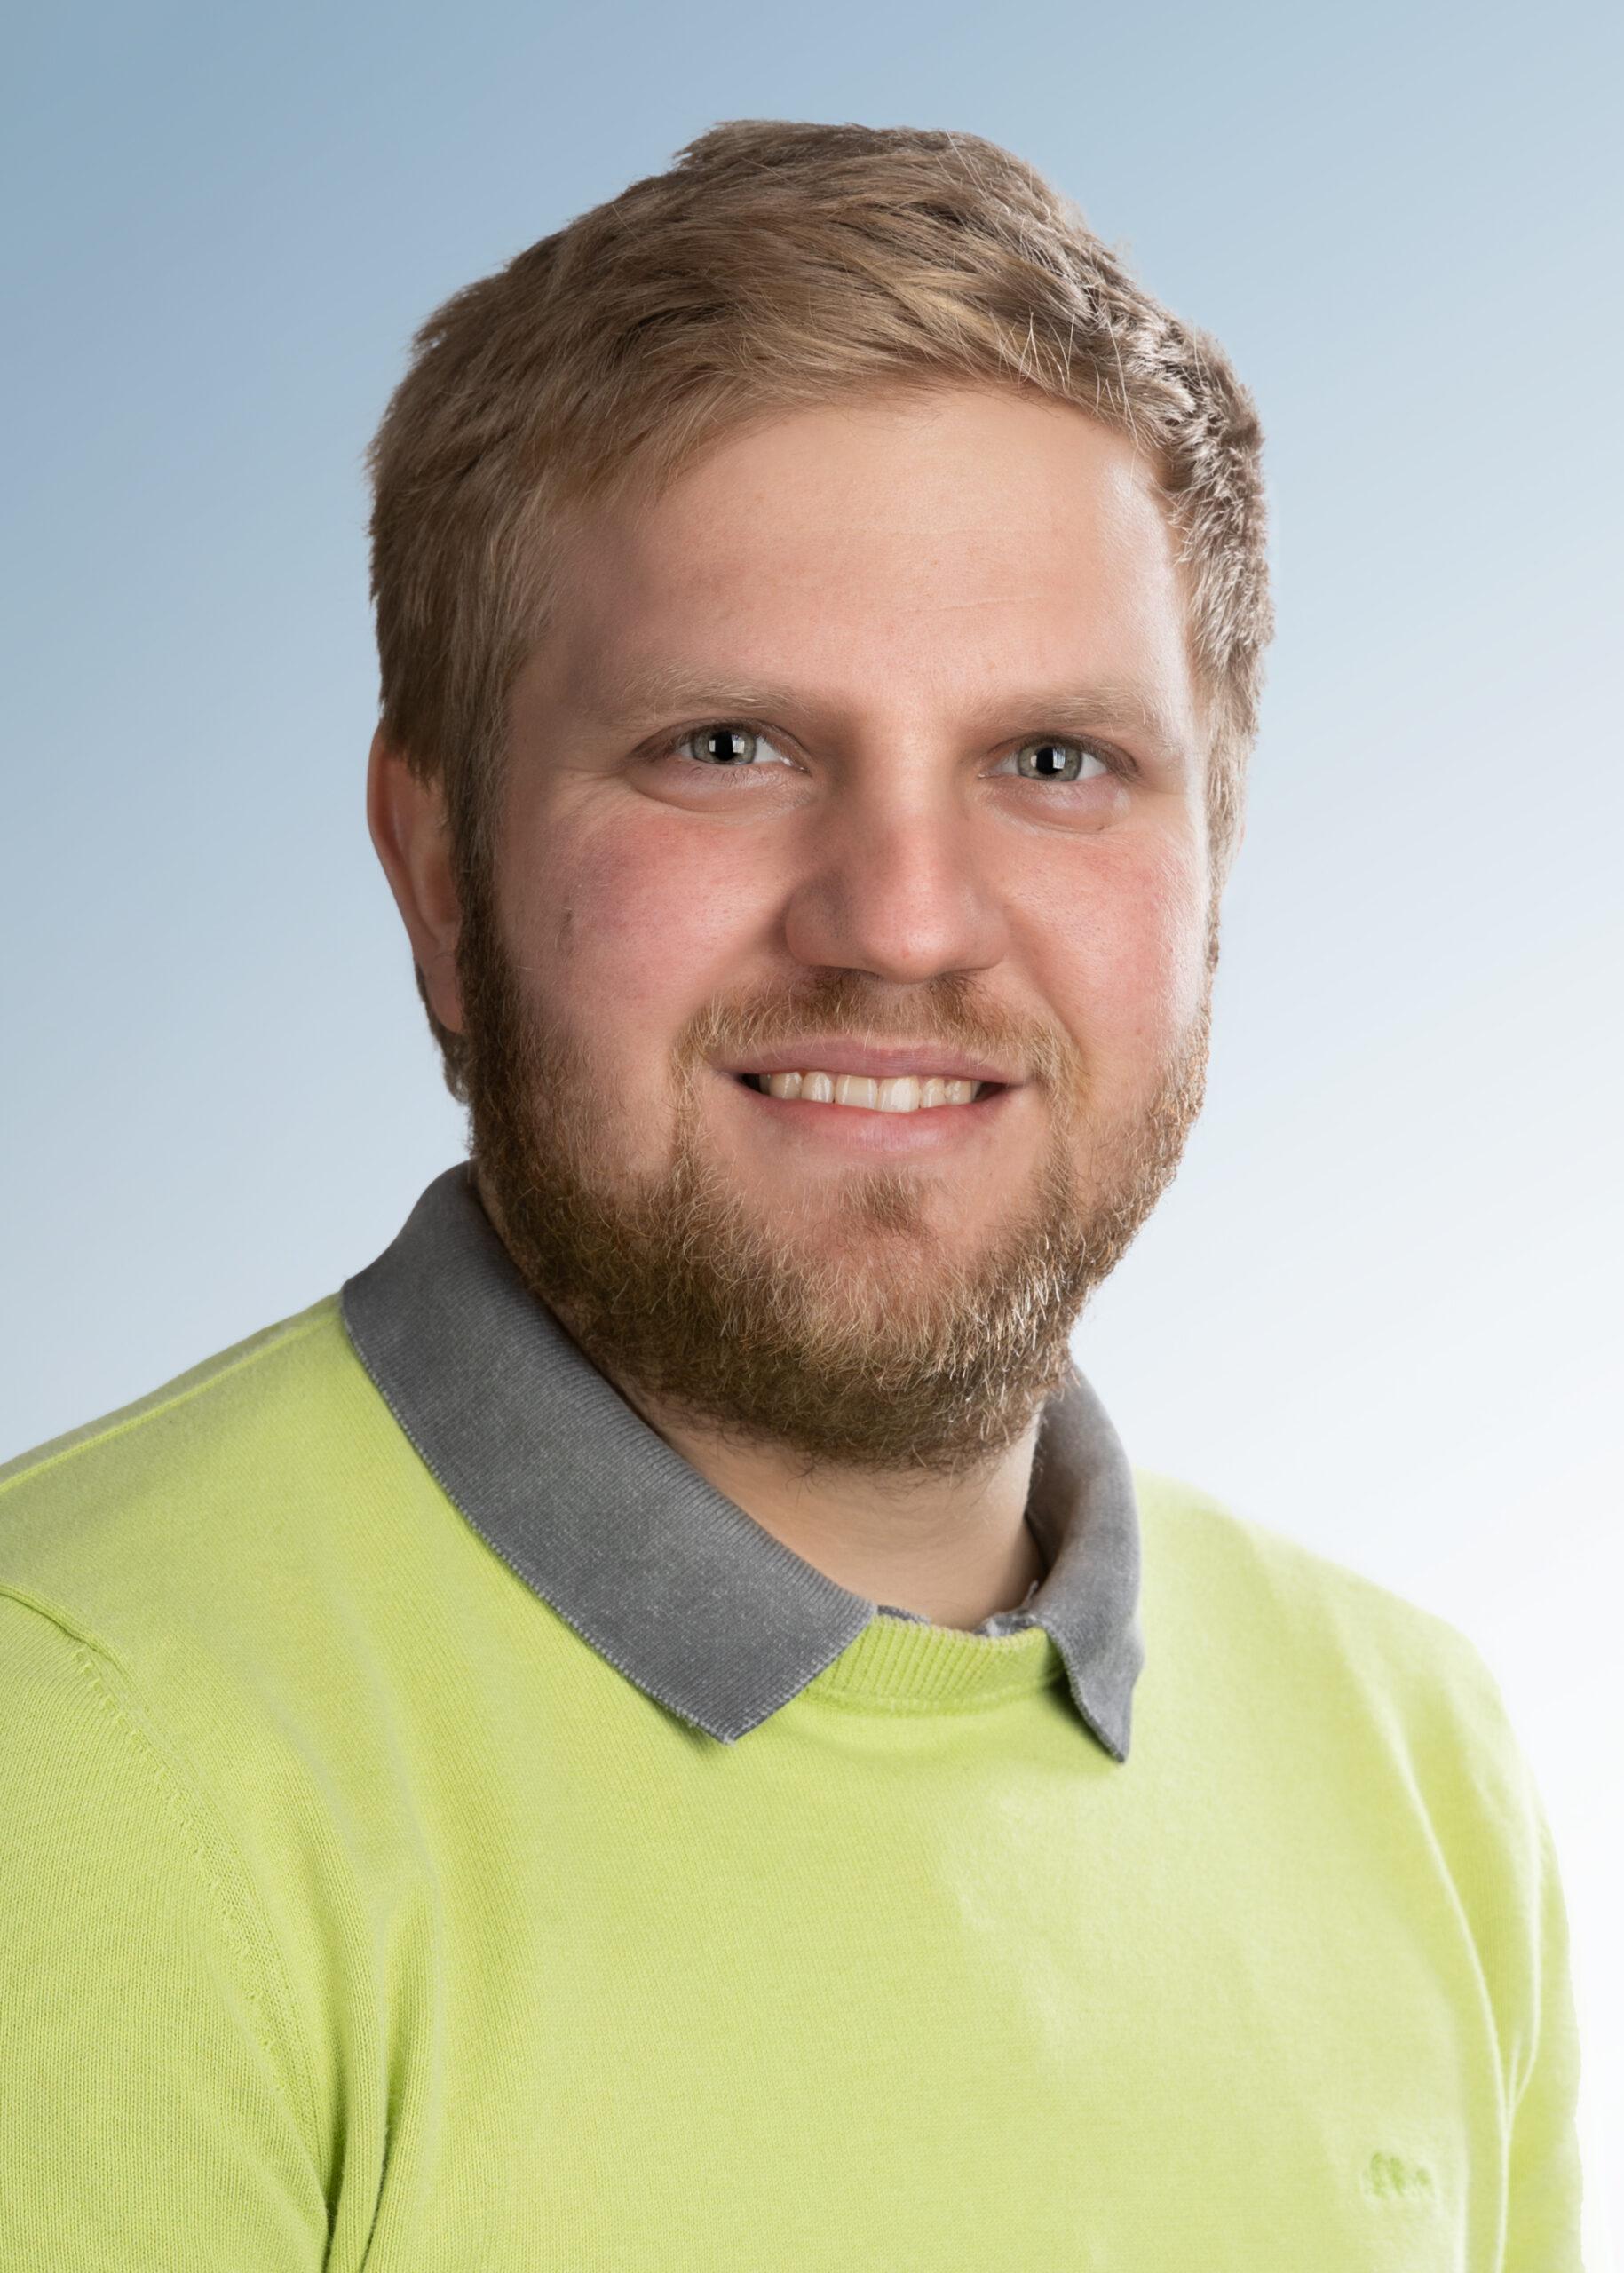 Philipp Rost, Gemeindrat im Markt Geiselwind